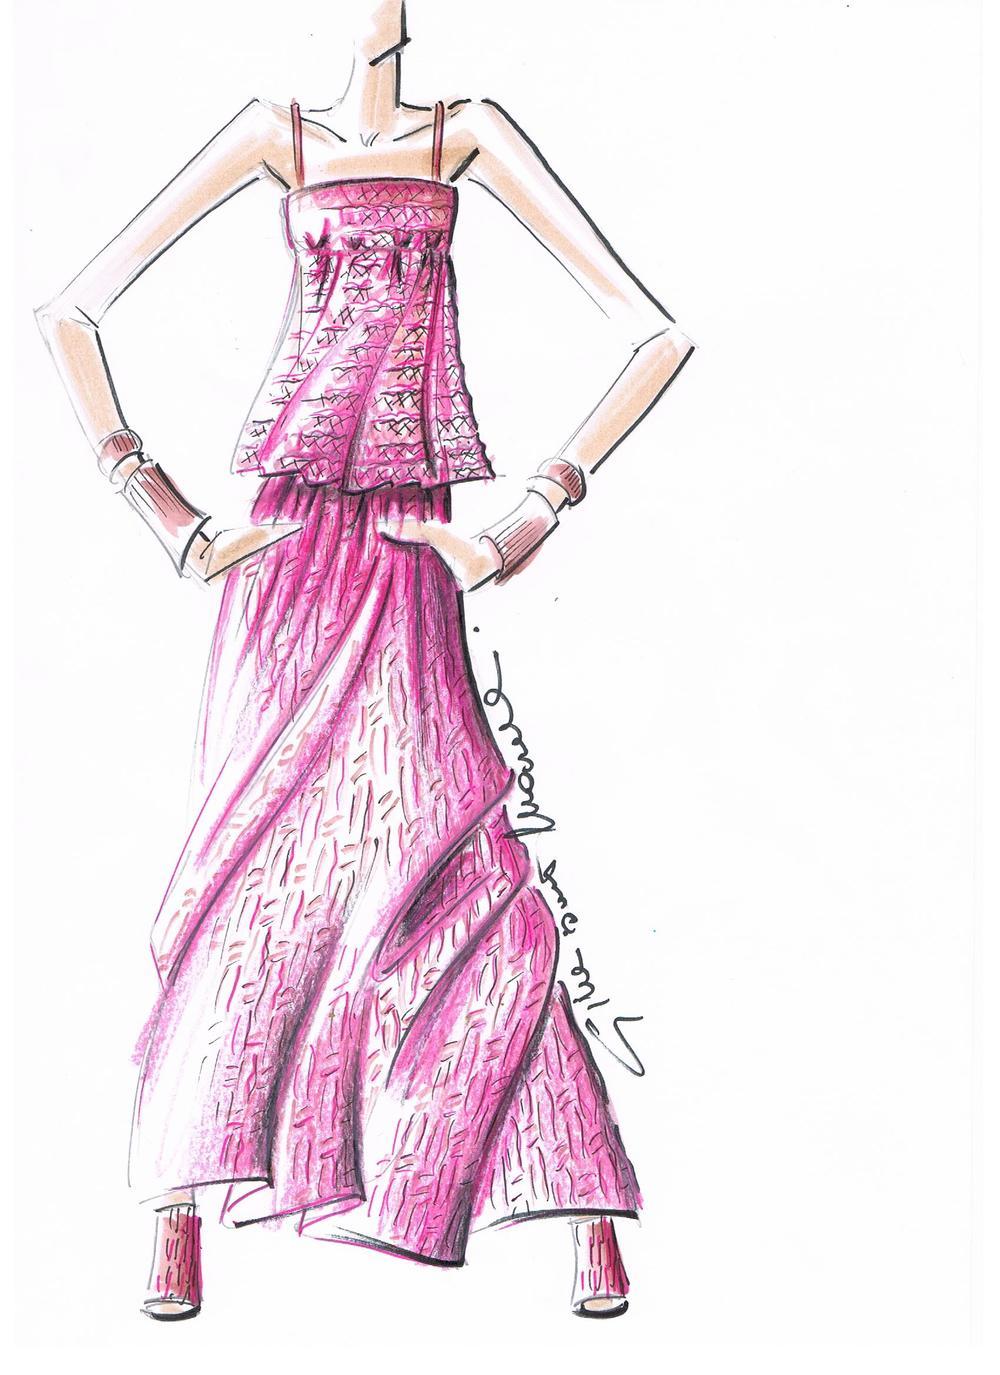 Giuliano&GiusyMarelli_Collezione-SS-2000_Romantic-Sporty-Life_Figurino_PinkPlissè_Transparent_Top_Skirt_Made-in-Italy_Maglieria_Maglia_Knit.jpg